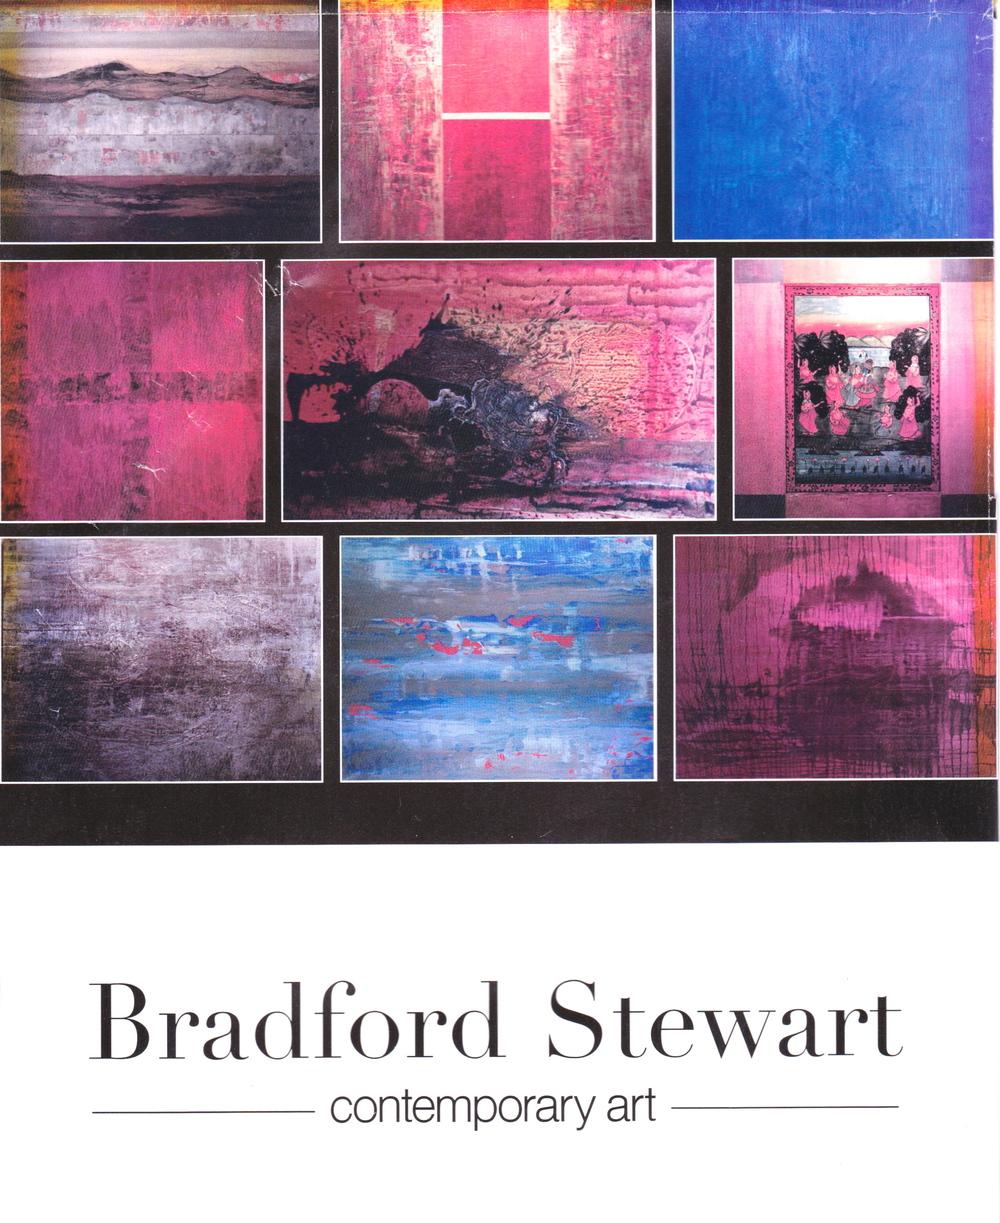 BradfordStewart2.jpeg